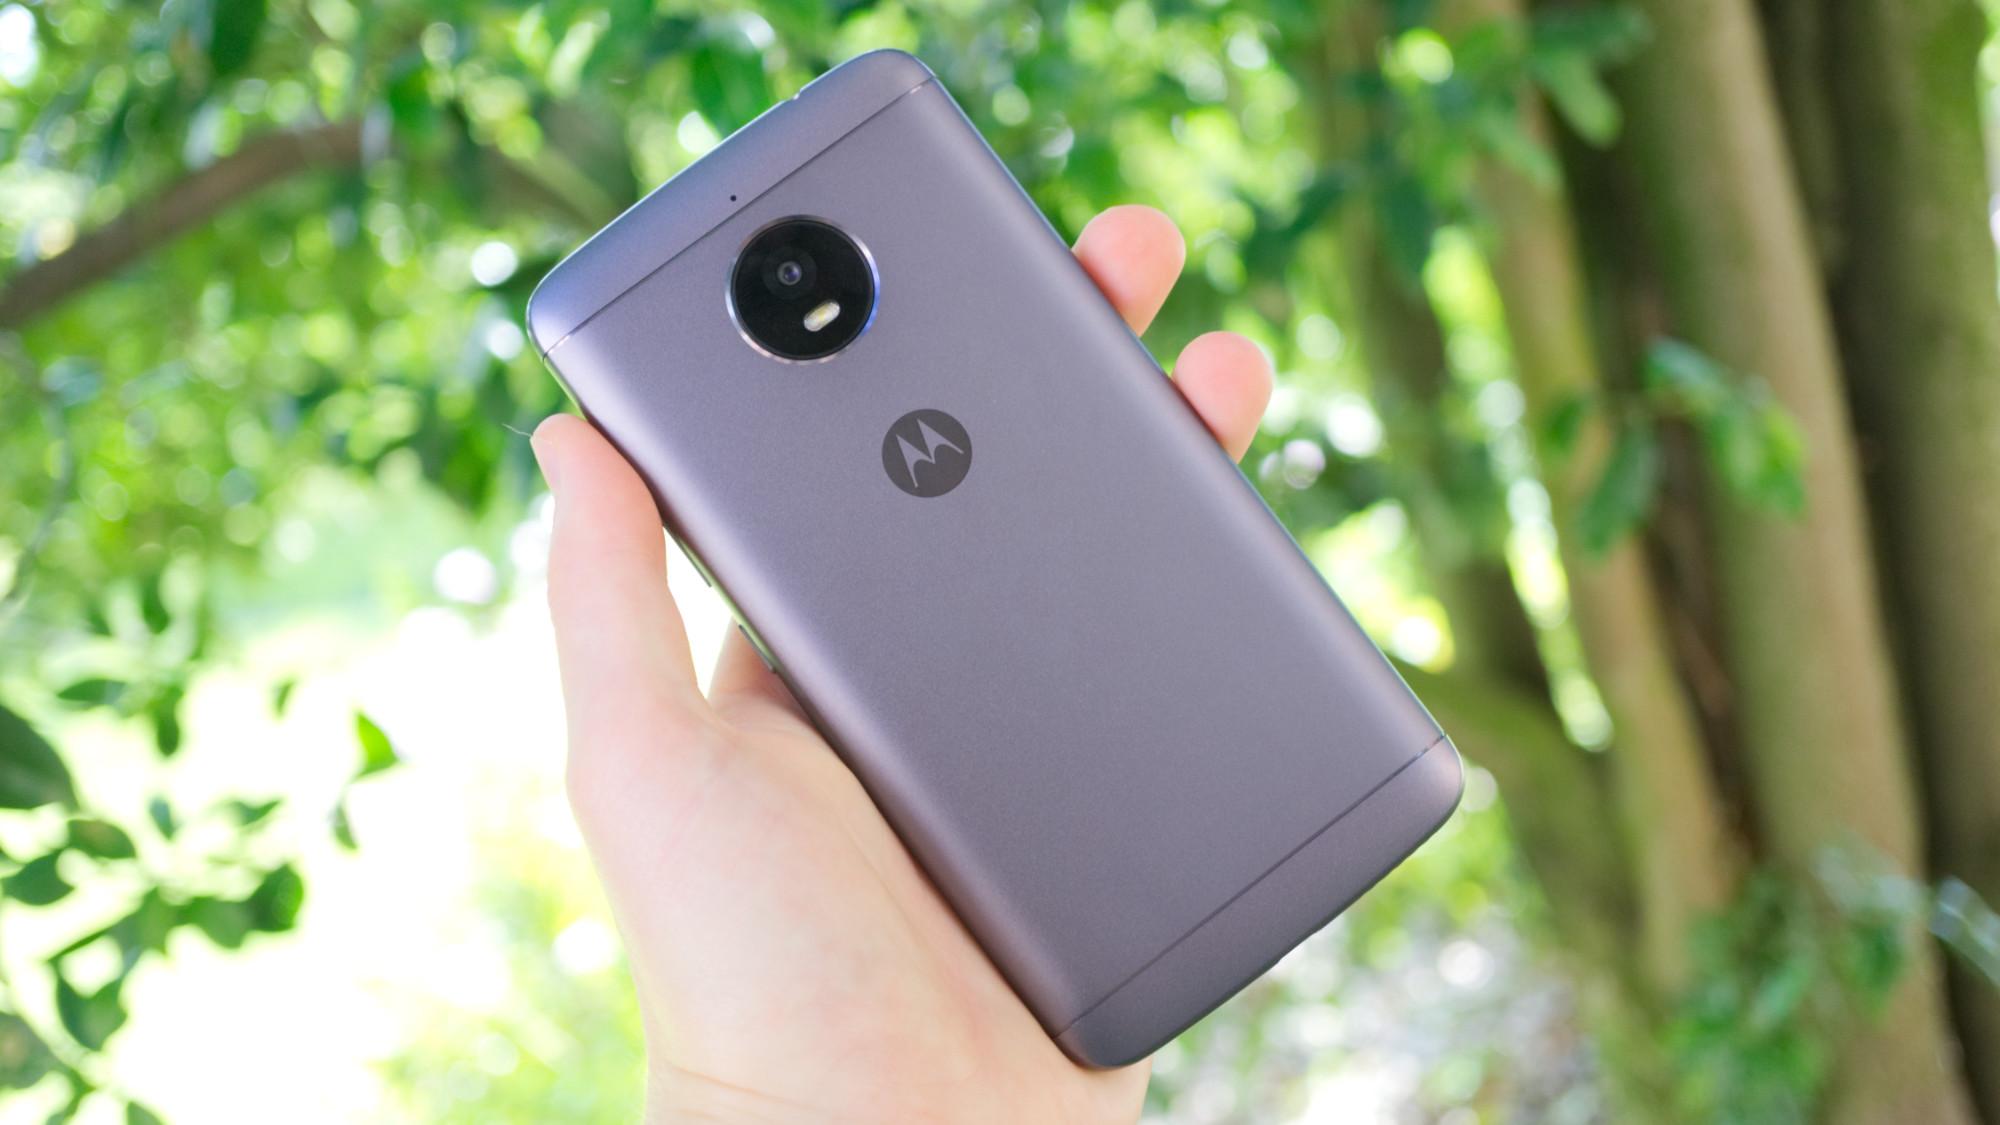 På baksidans övre del sitter telefonens kameramodul. Kameran är placerad en  knapp millimeter under resten av telefonens baksida. Det skyddar den från  repor ... 265038a79a8b4